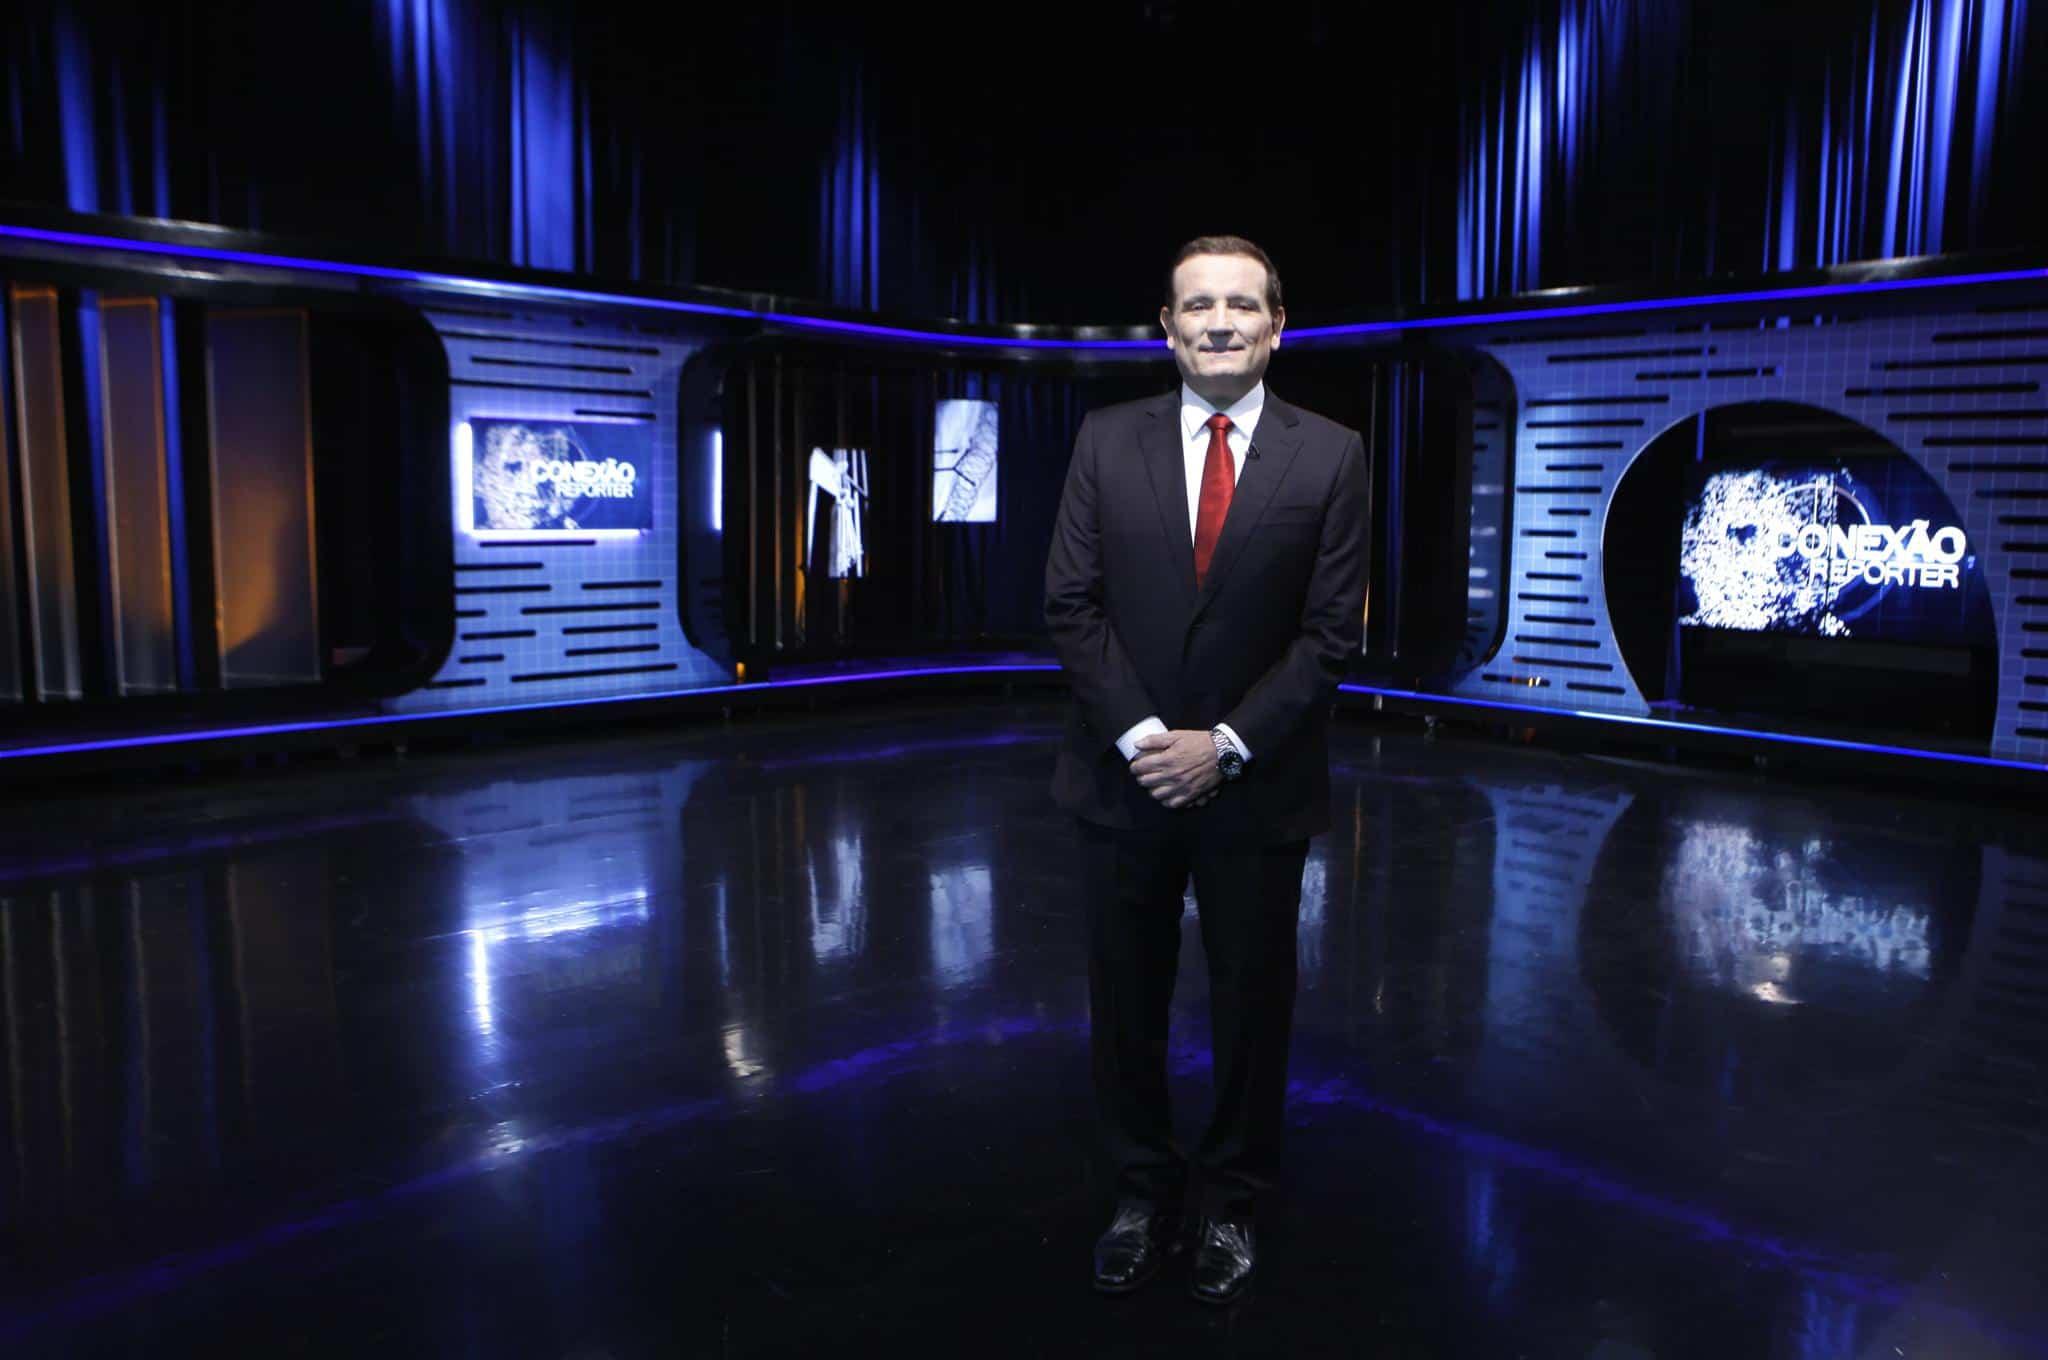 """Roberto Cabrini no novo cenário do """"Conexão Repórter"""""""